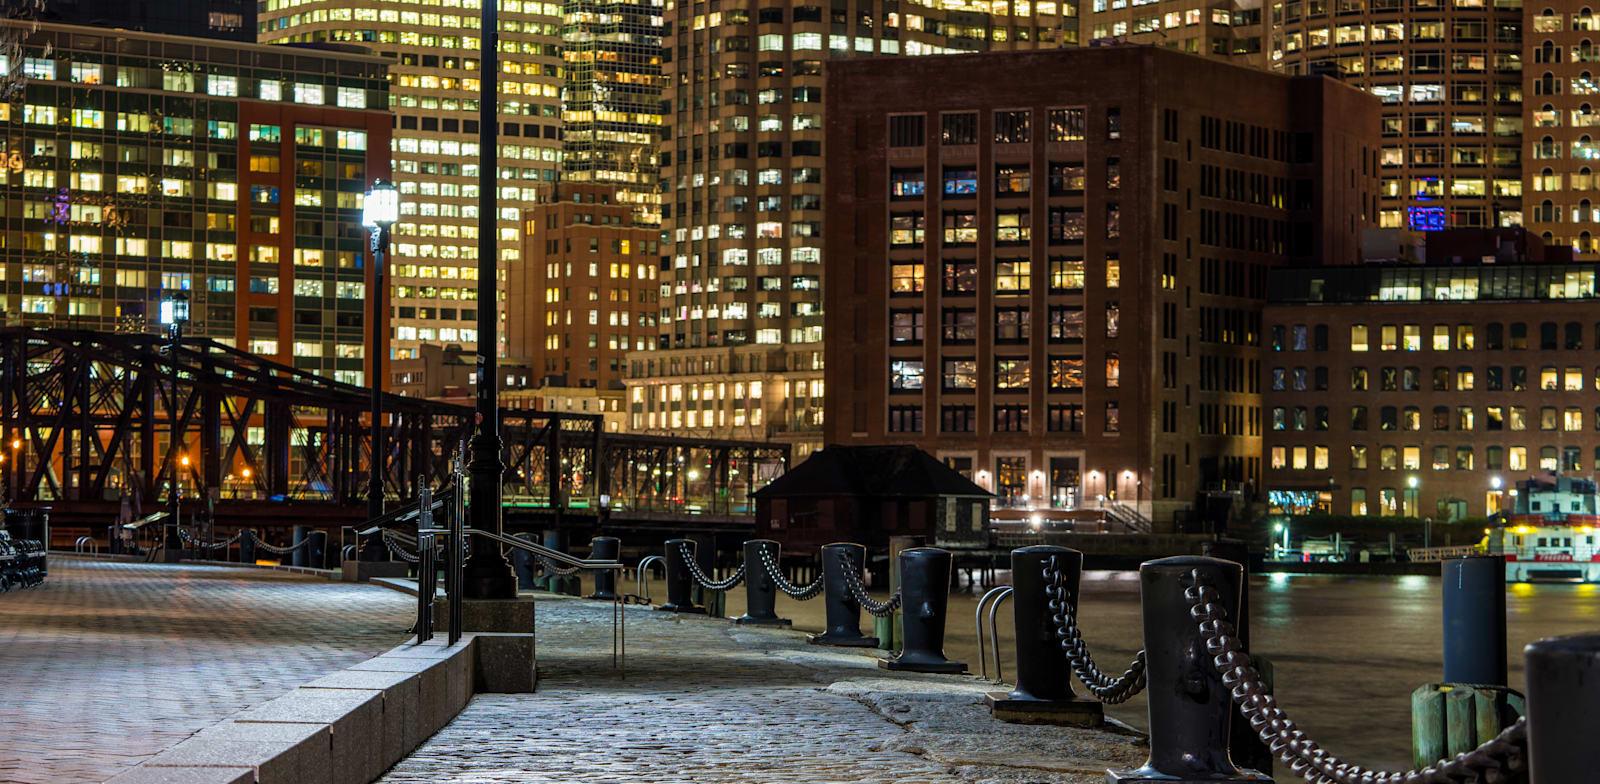 משרדים בבוסטון. 7.2 מיליארד דולר השקעות הון סיכון בחודש מאי / צילום: Shutterstock